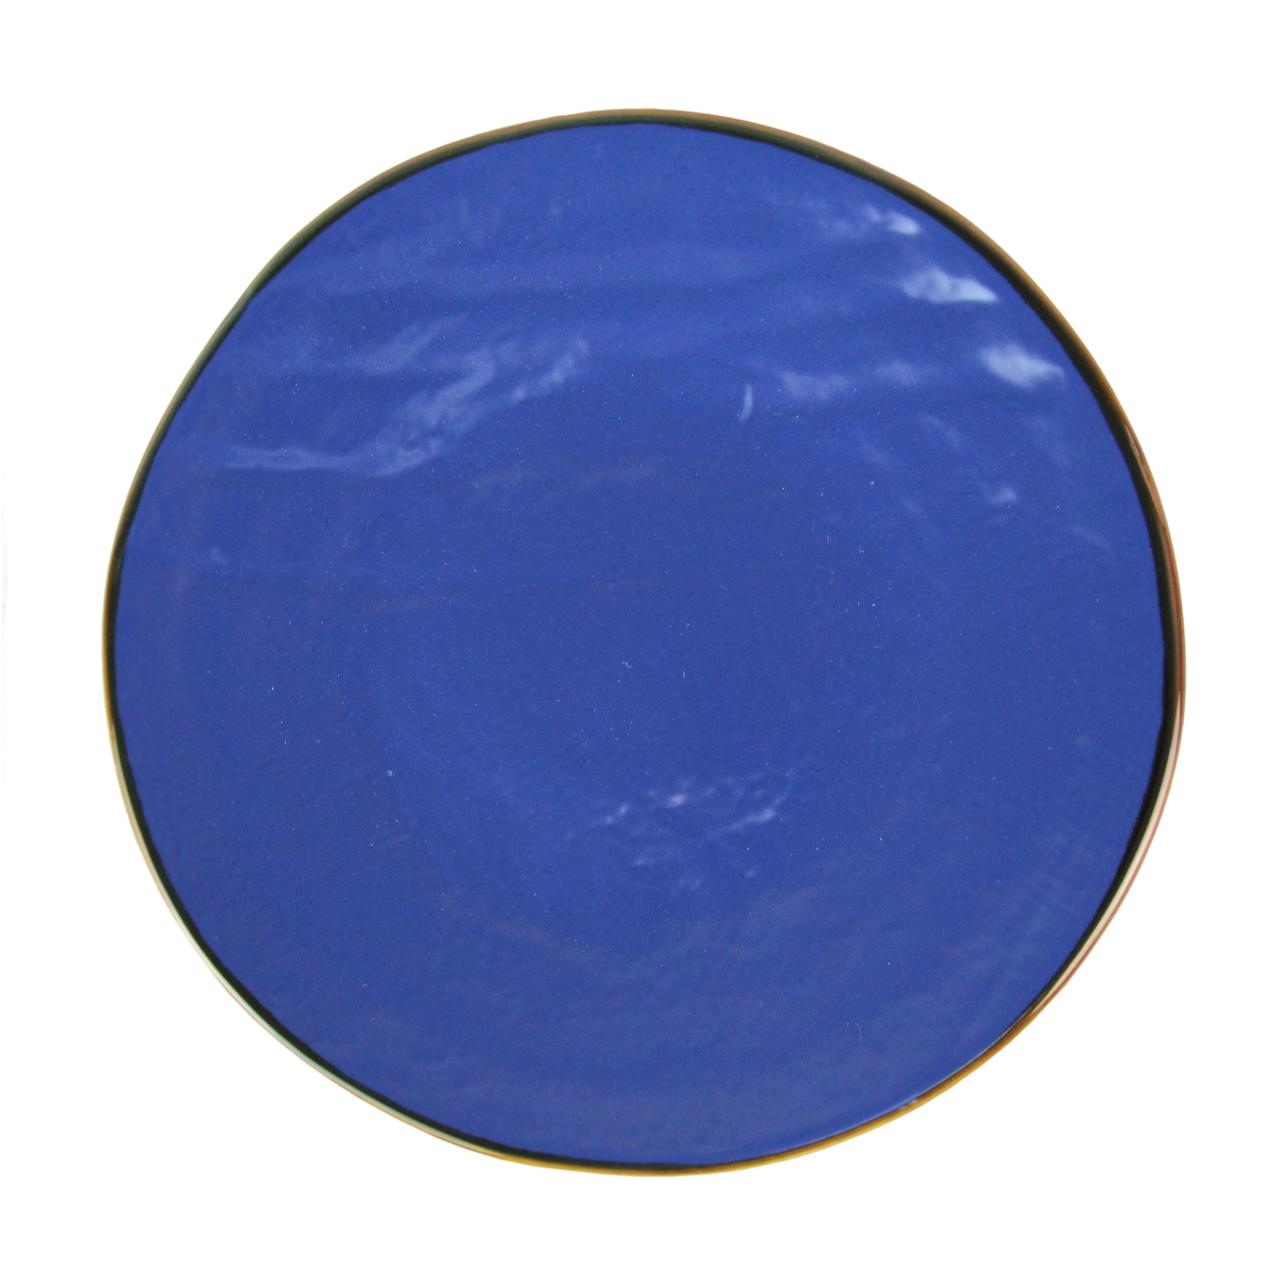 Farfurie Pentru Desert Tradition Din Ceramica Alba